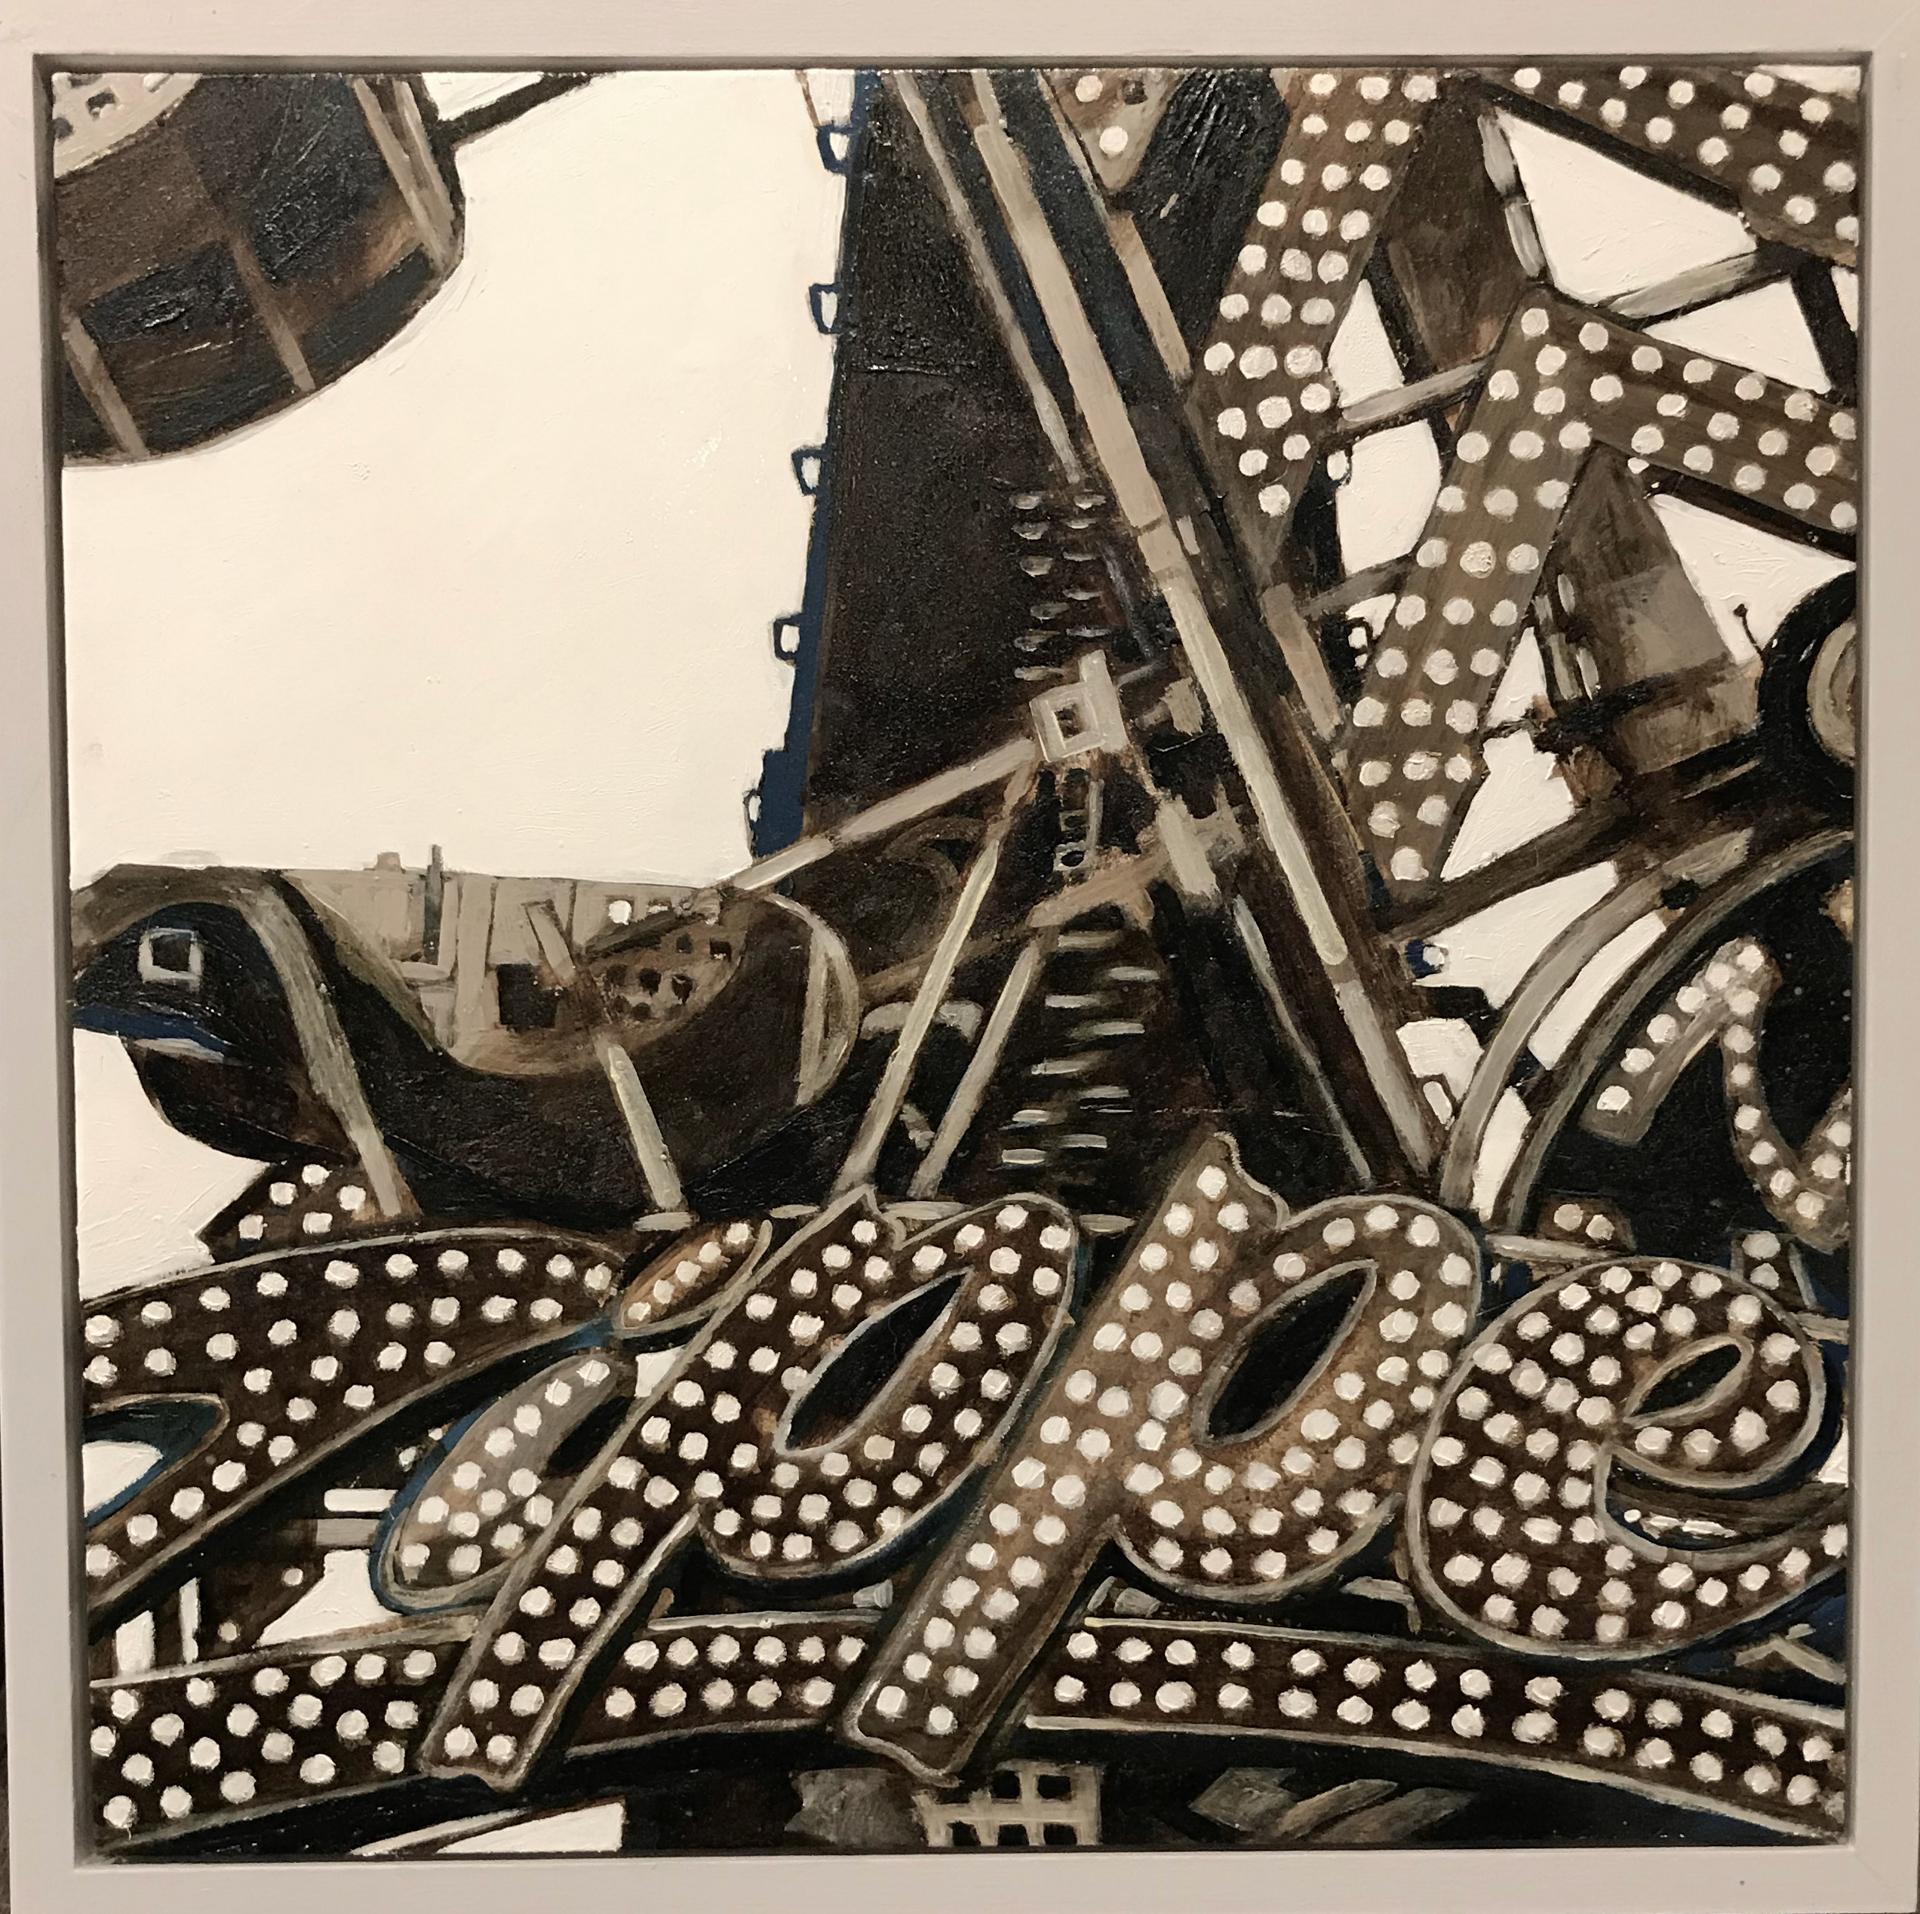 Zipper by Matt Lively